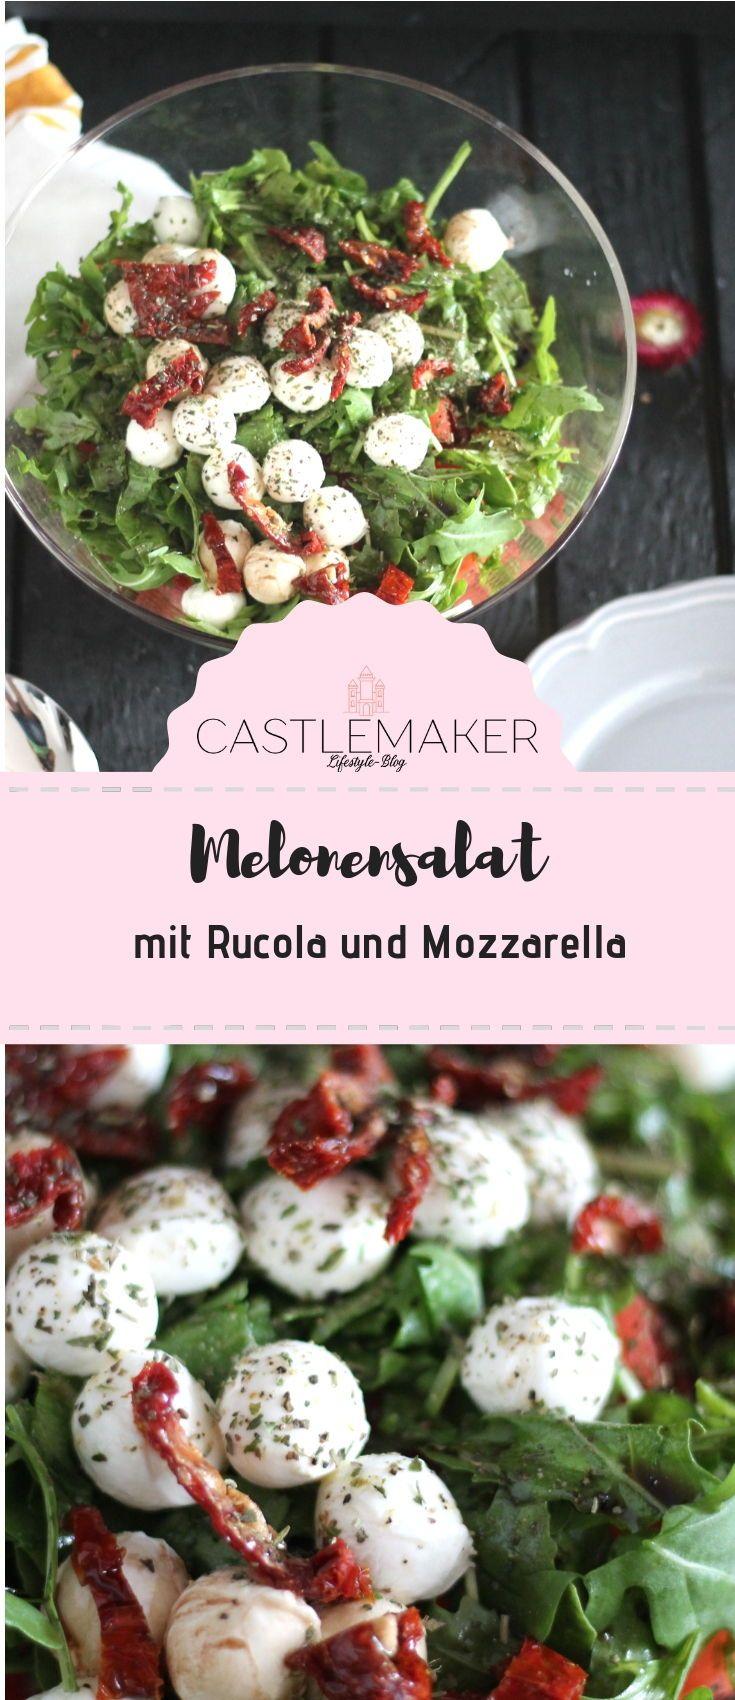 Der Partyhit: Melonen-Salat mit Rucola und Mozzarella « Castlemaker